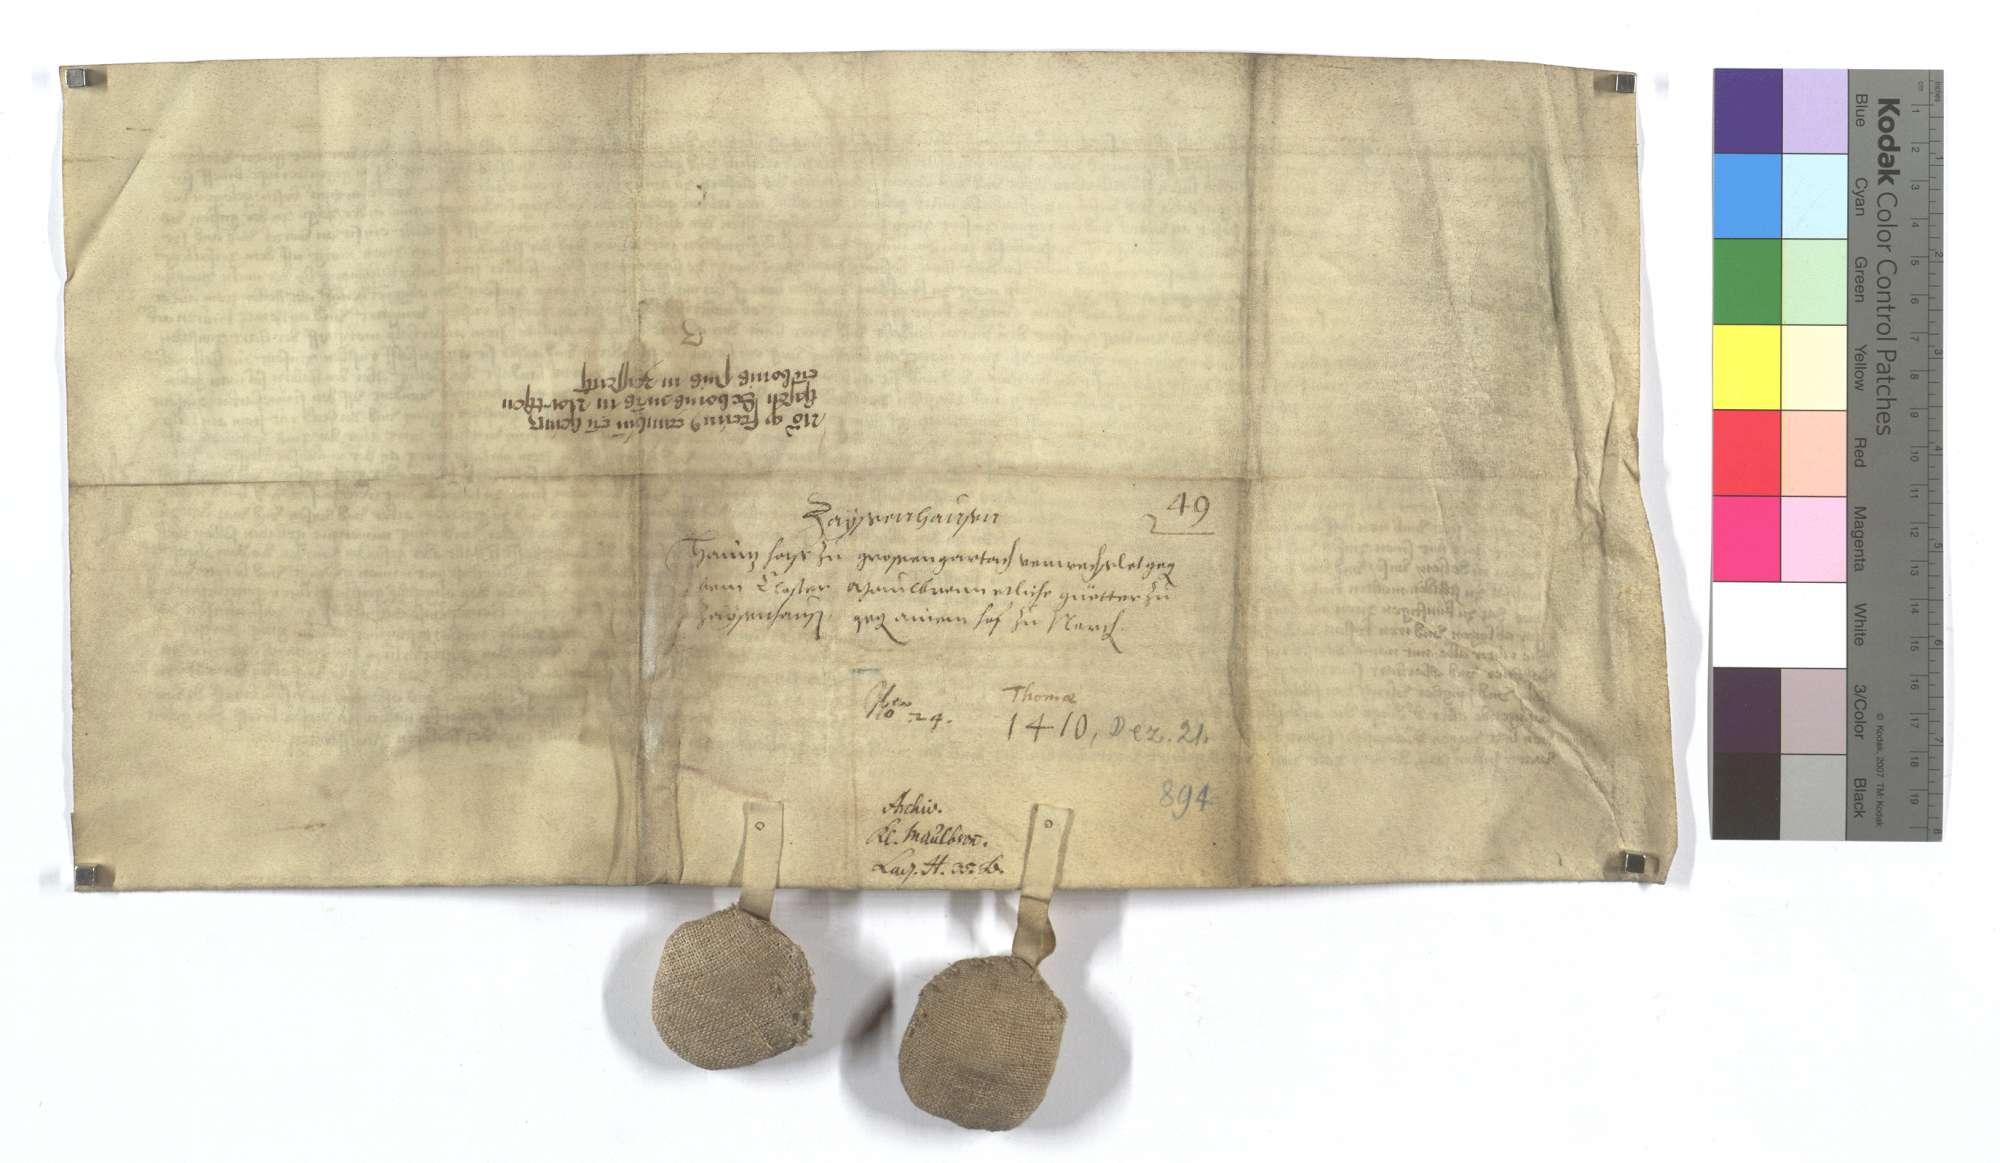 Heinz Has von Großgartach (Großem Gartach) verkauft dem Kloster Maulbronn seine Güter in Zaisenhausen gegen den Hof zu Nordheim., Rückseite